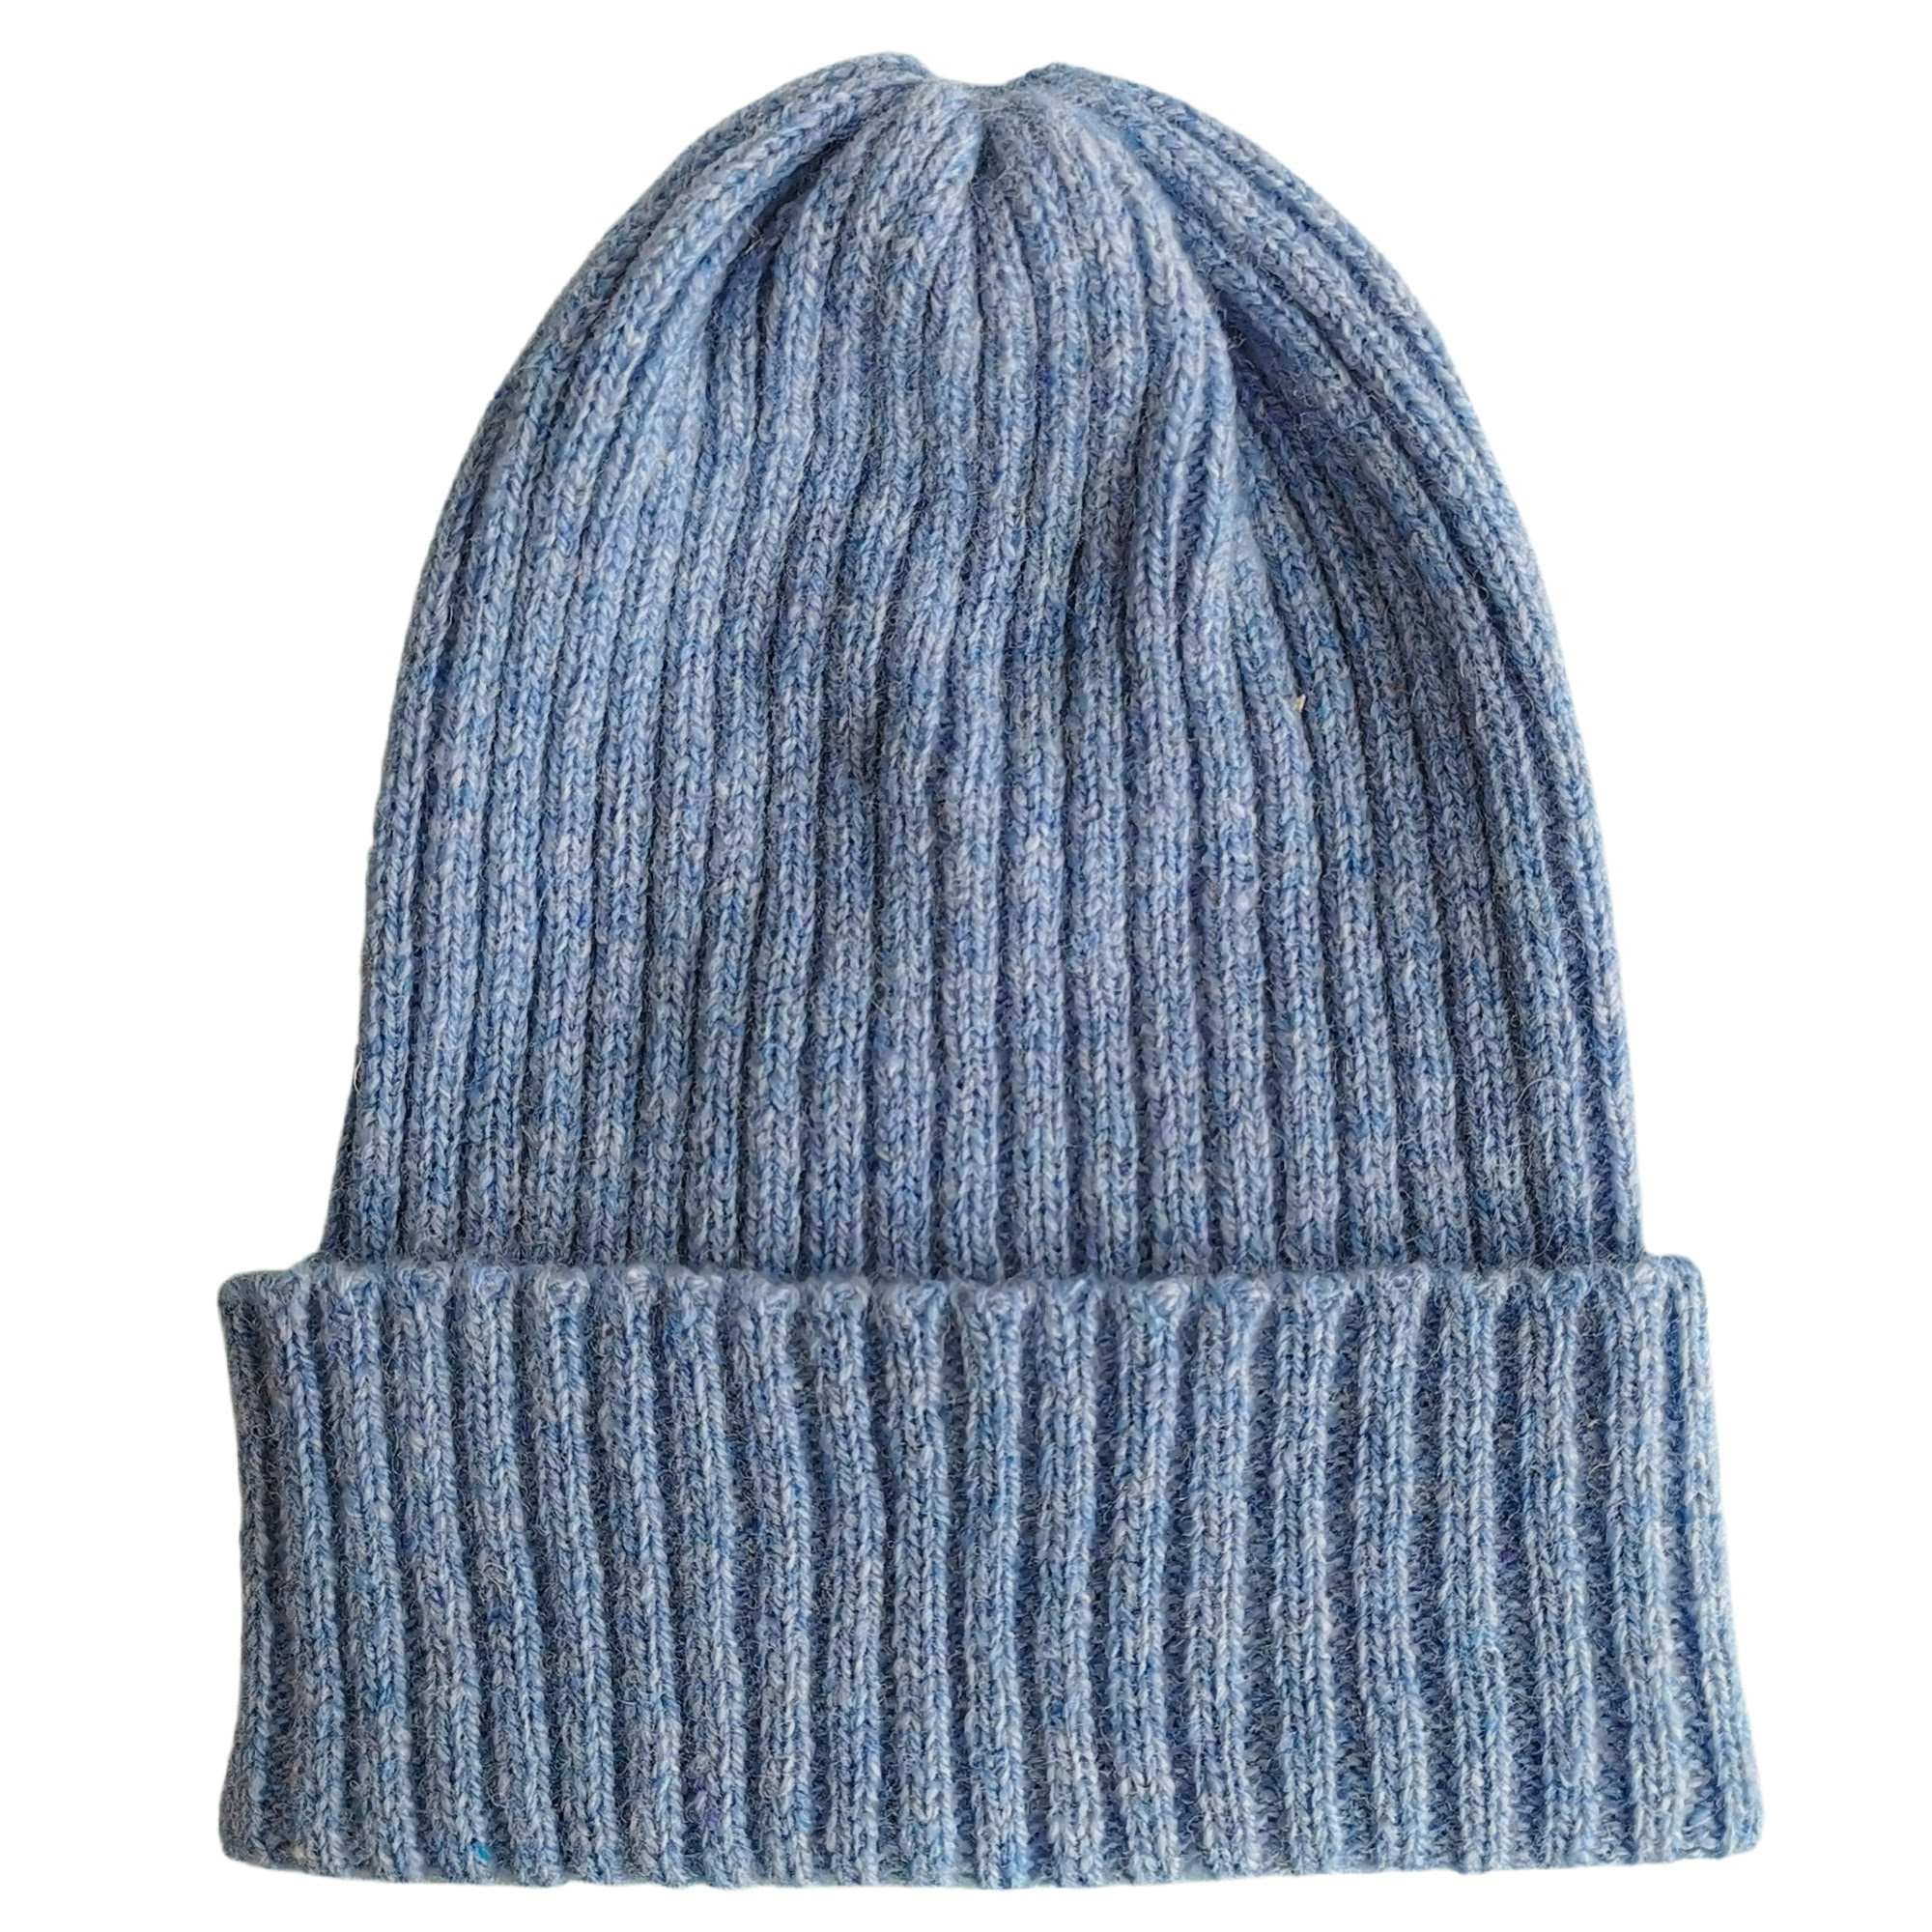 Rib Lambswool Knit Hat by Scarlet Knitwear